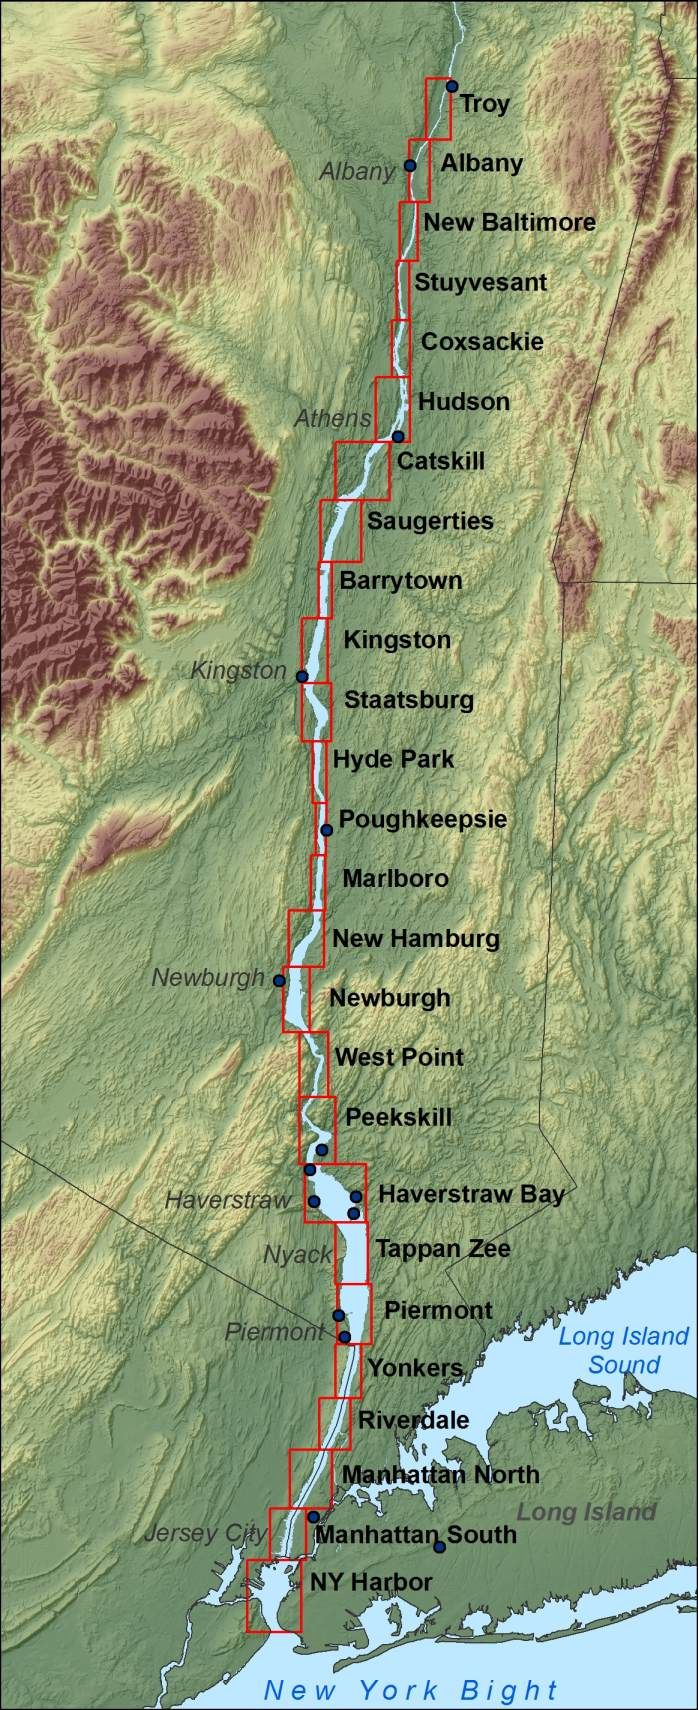 Best Hudson Valley NY Images On Pinterest - New york map hudson river